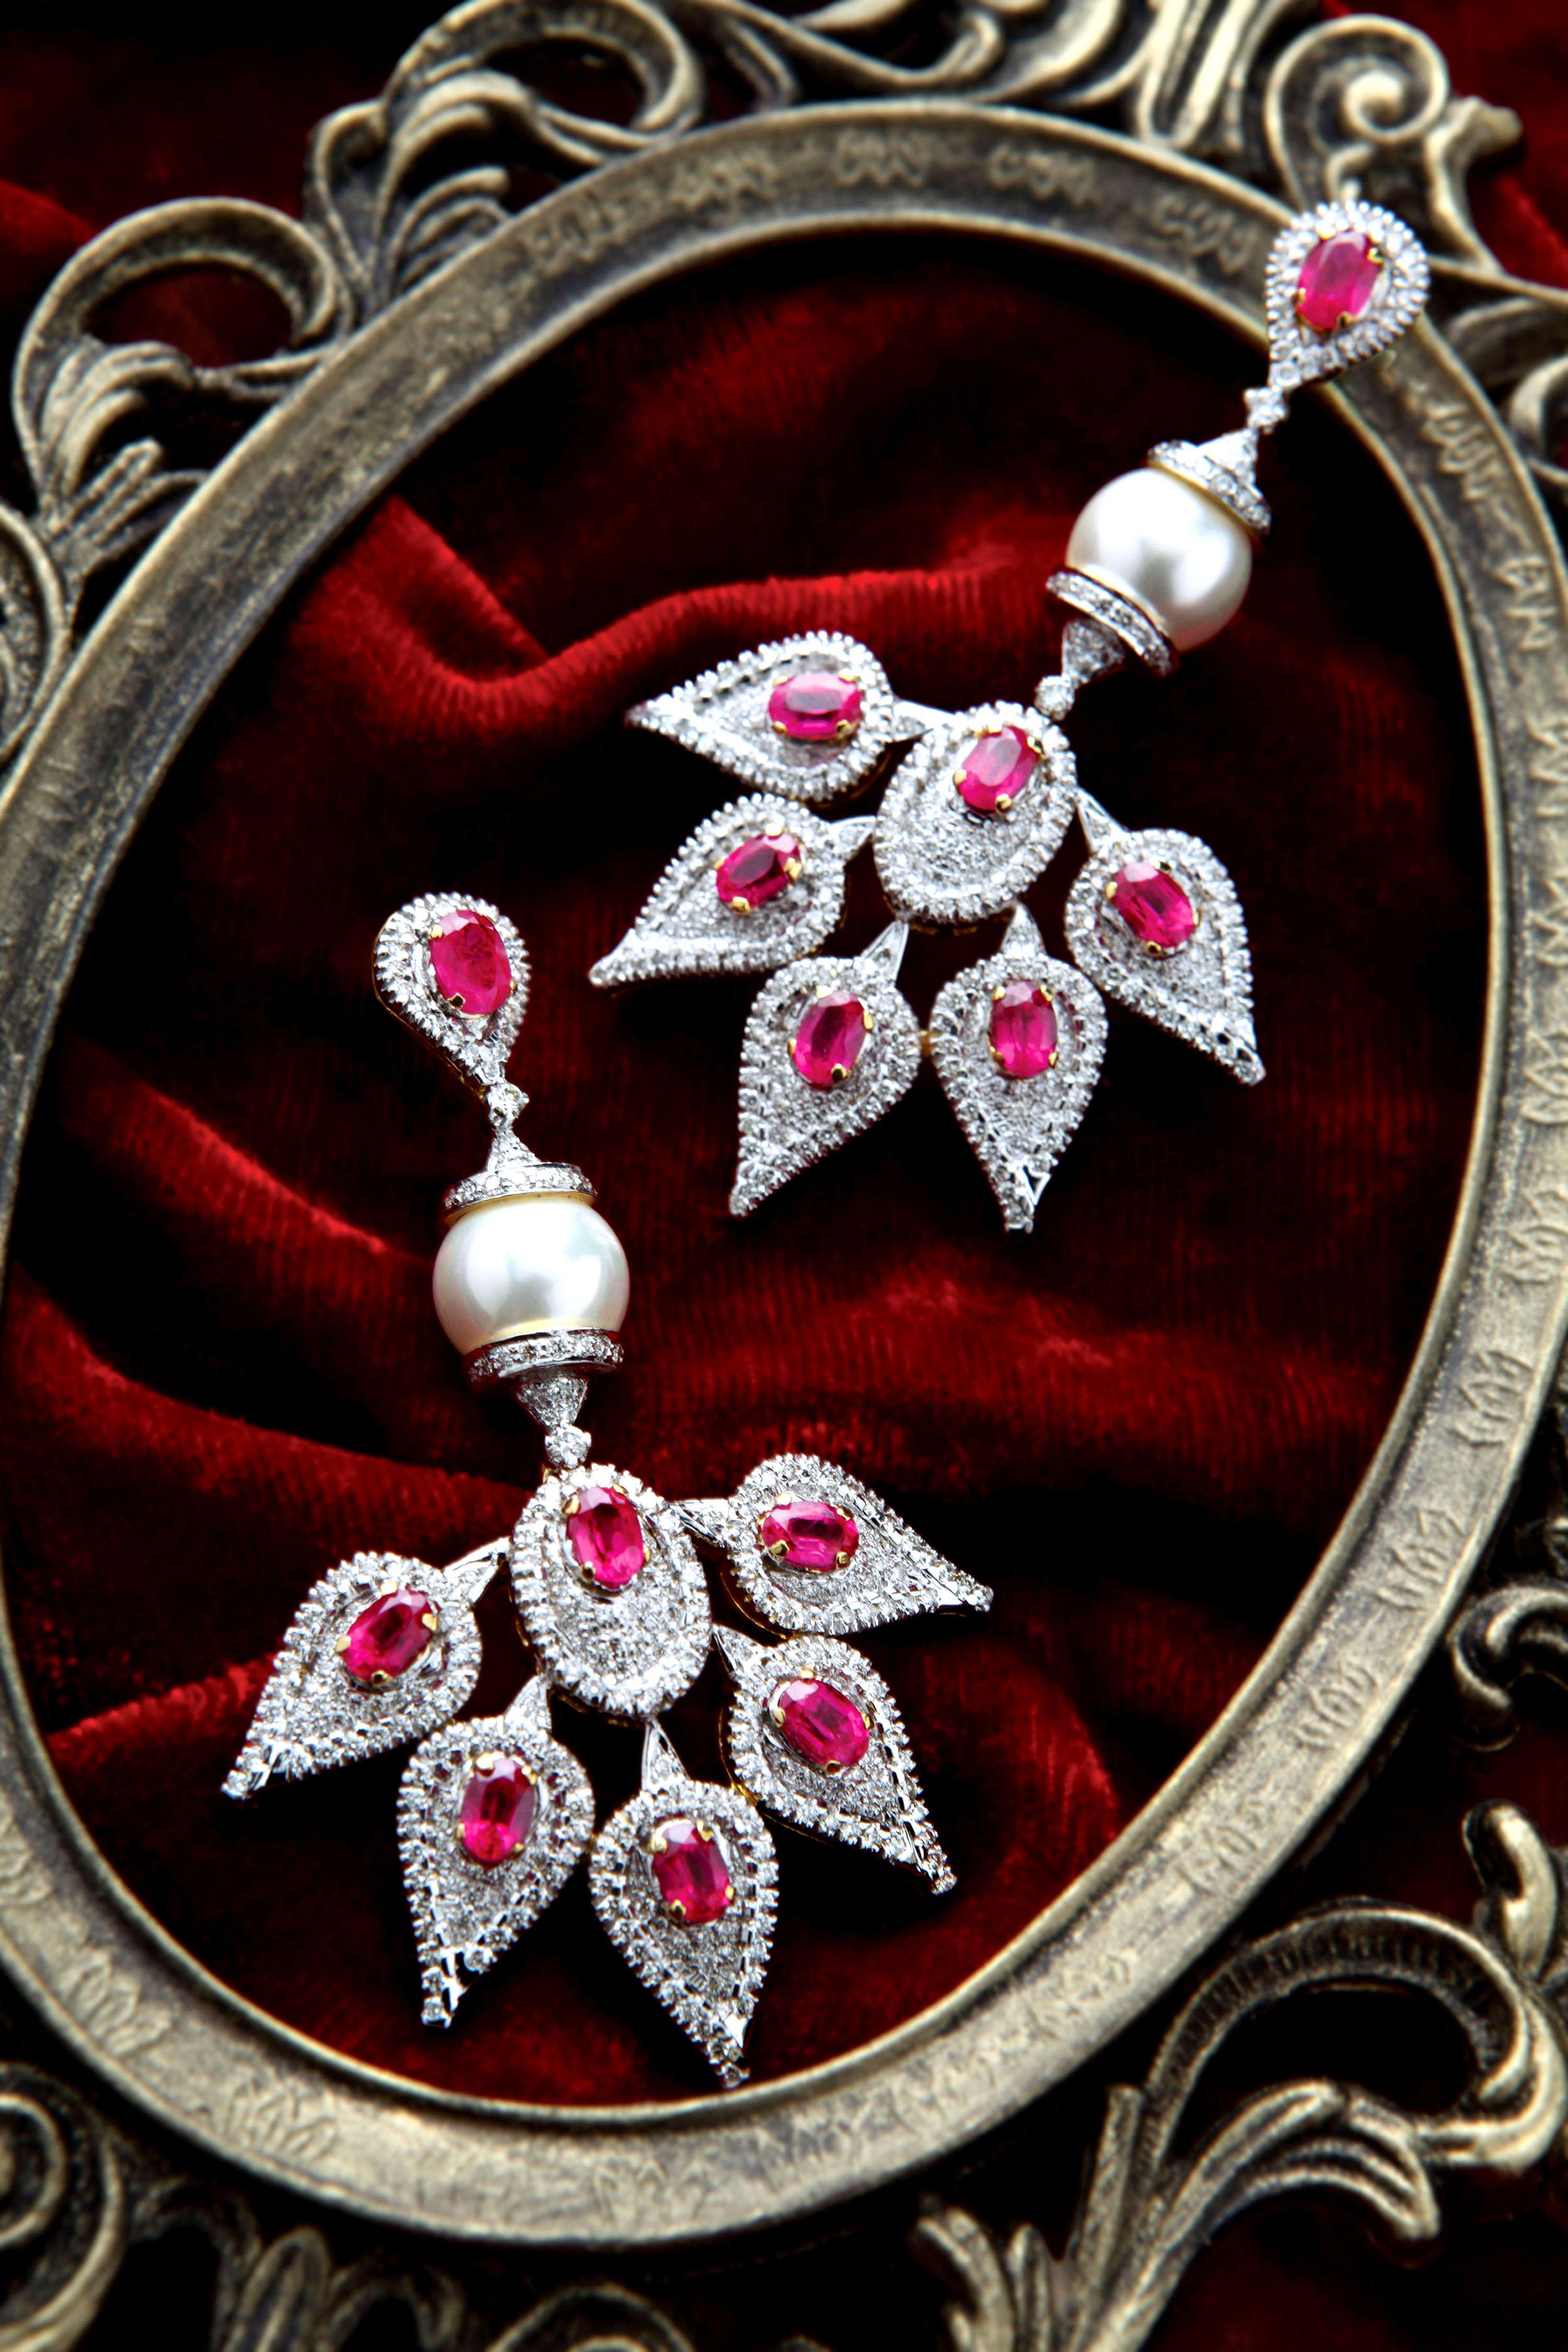 Tilismat by Shaheen Abbas